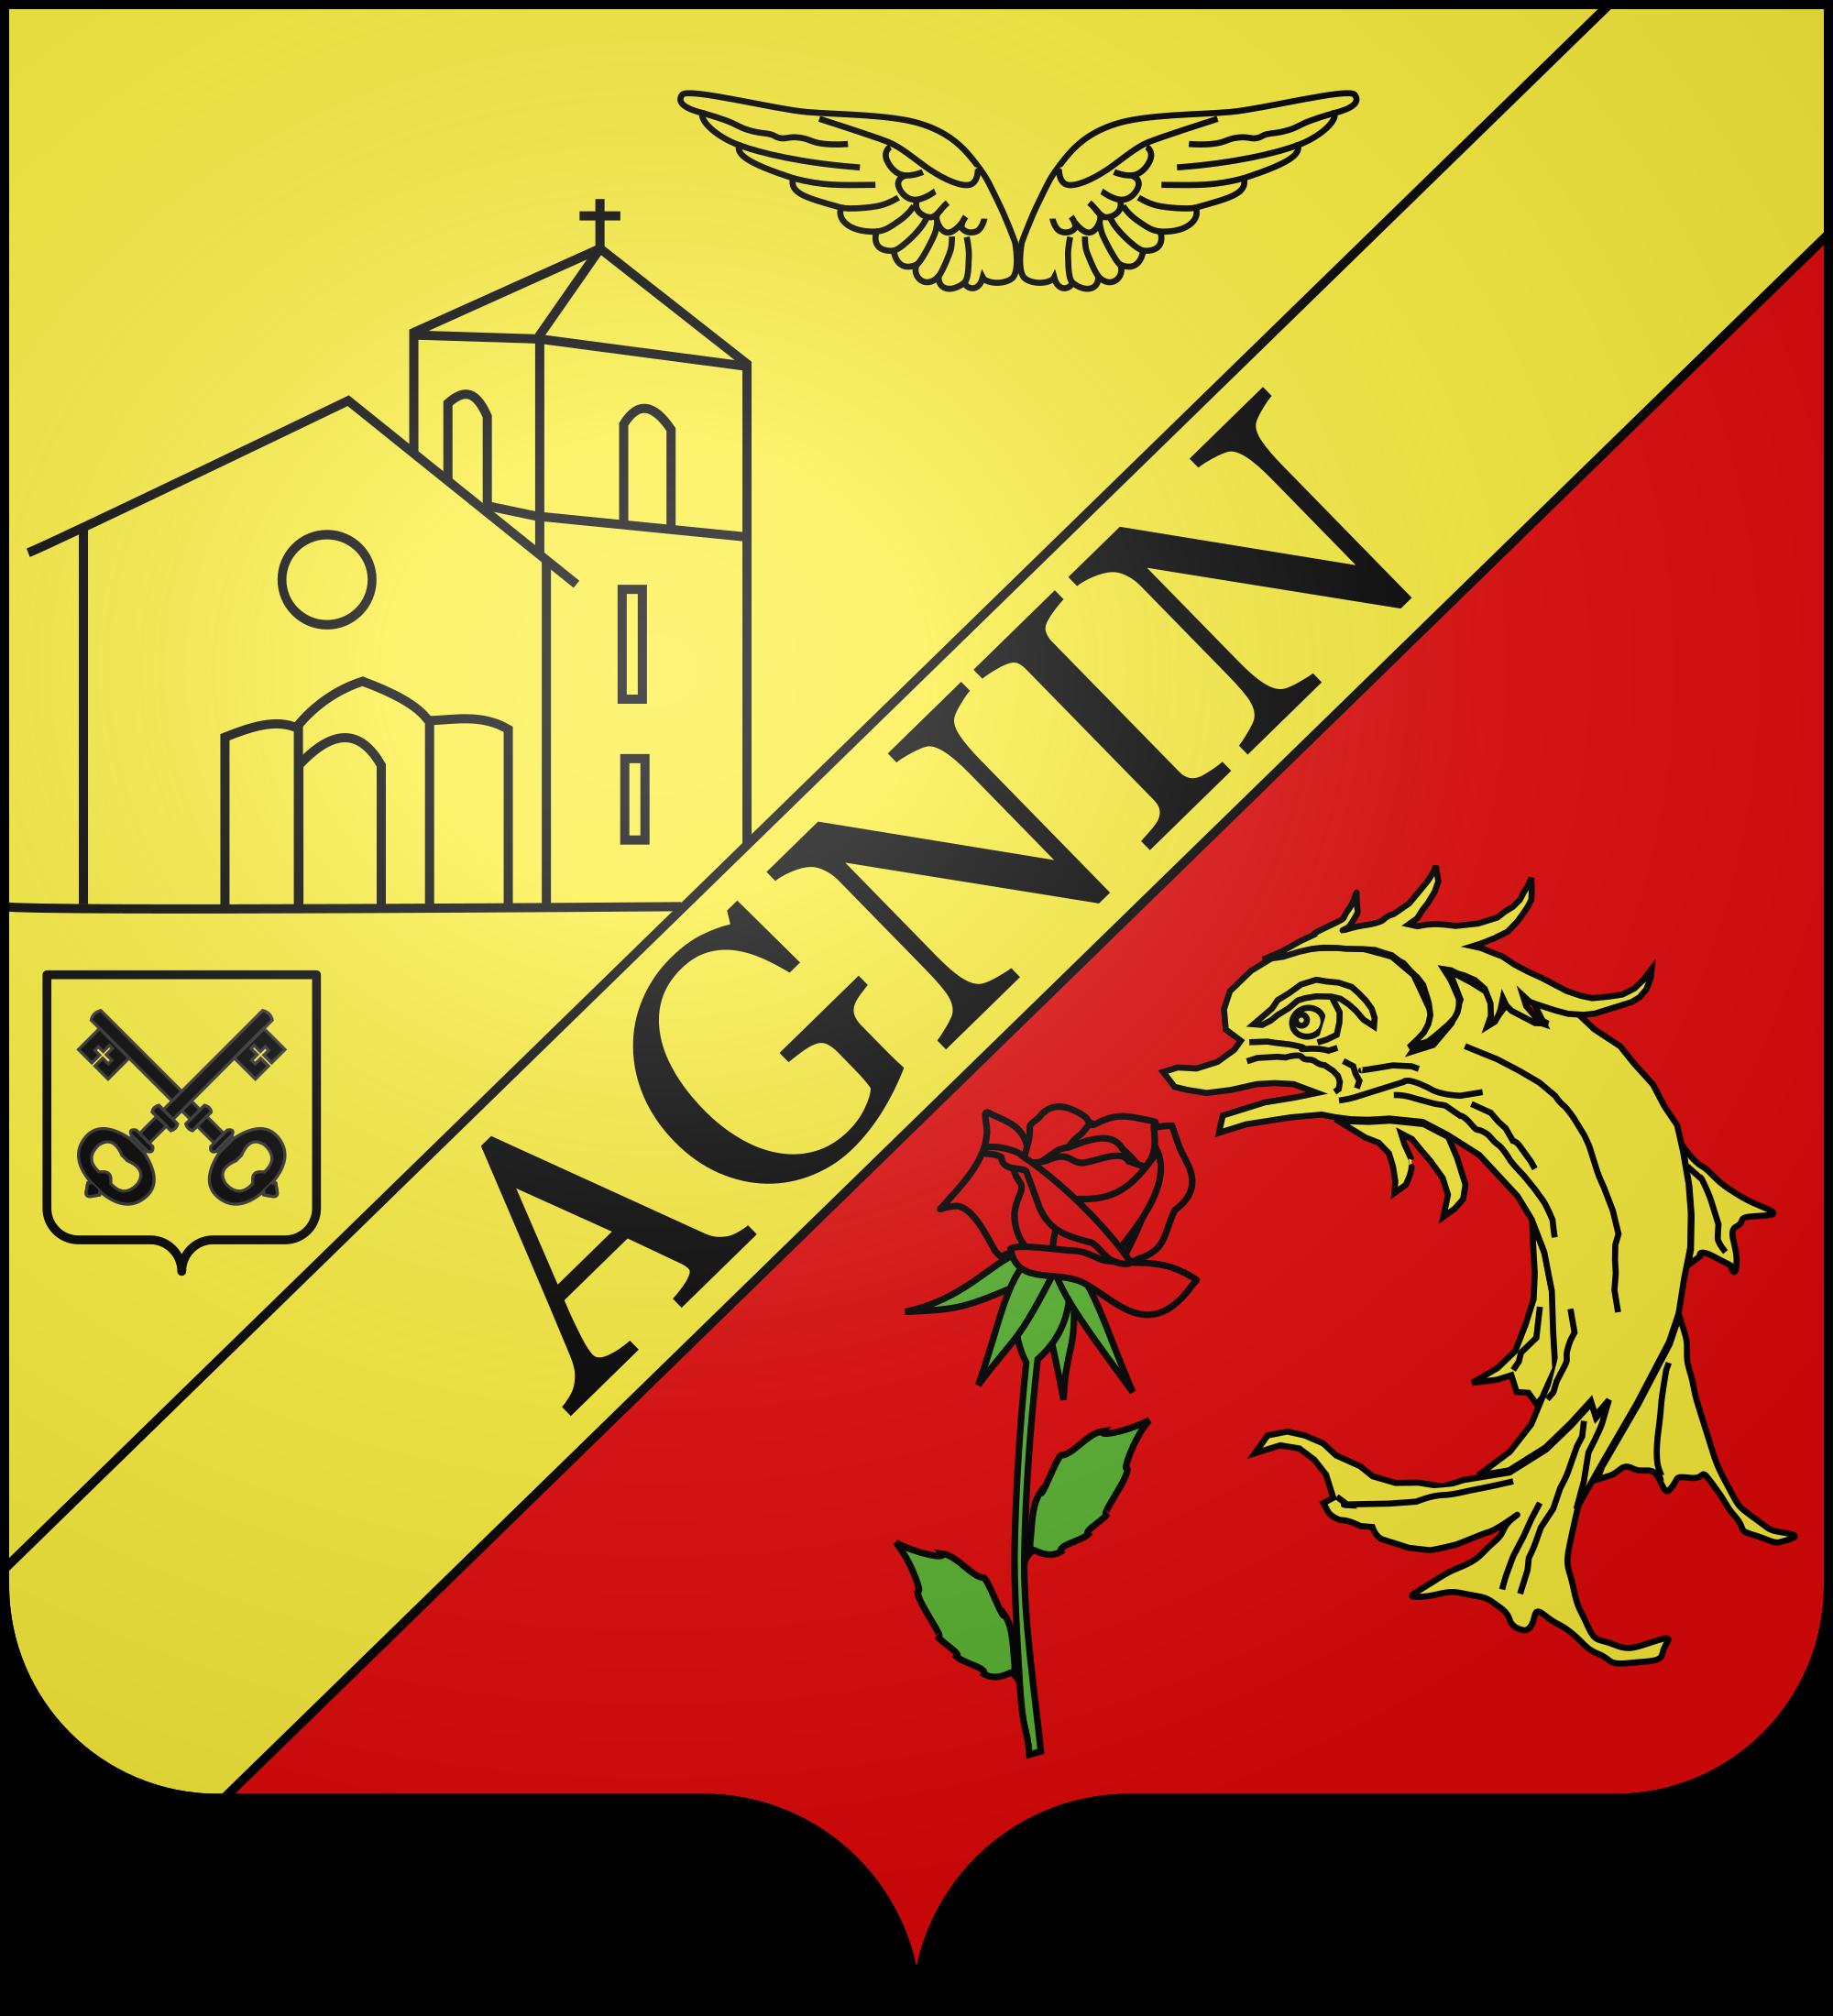 File:Blason de la ville de Agnin (Isère).svg.